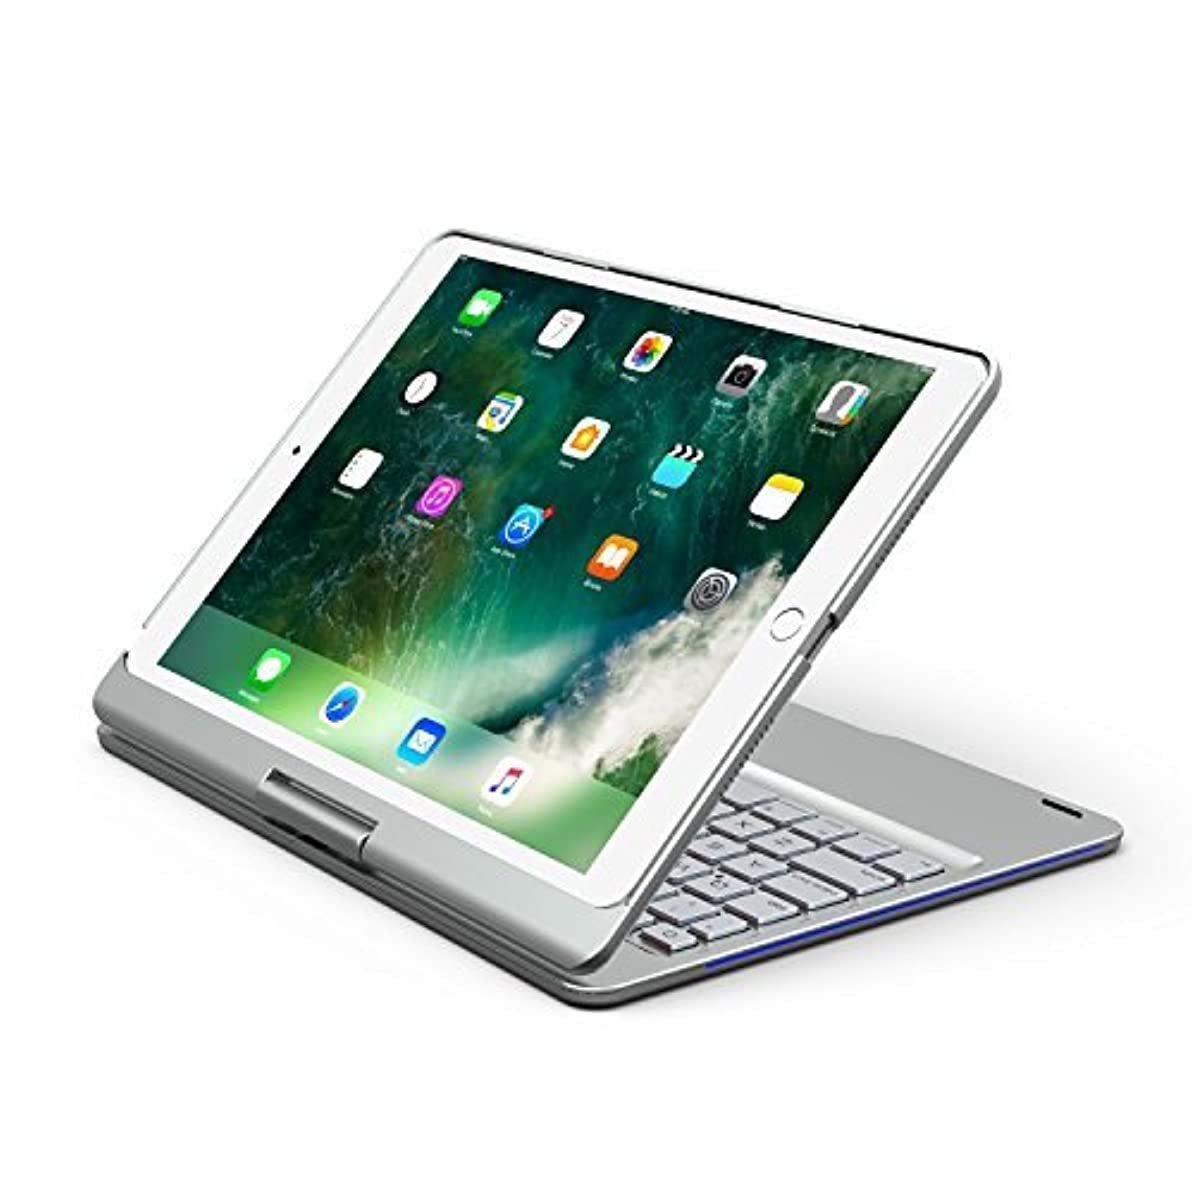 怒りキャリッジ君主制iPad Pro 10.5キーボードケース、businda 7色バックライト付きキーボードケースカバー360 °回転スマートキーボードケース/スリープ付きiPad Pro 10.5 2017 New iPad シルバー